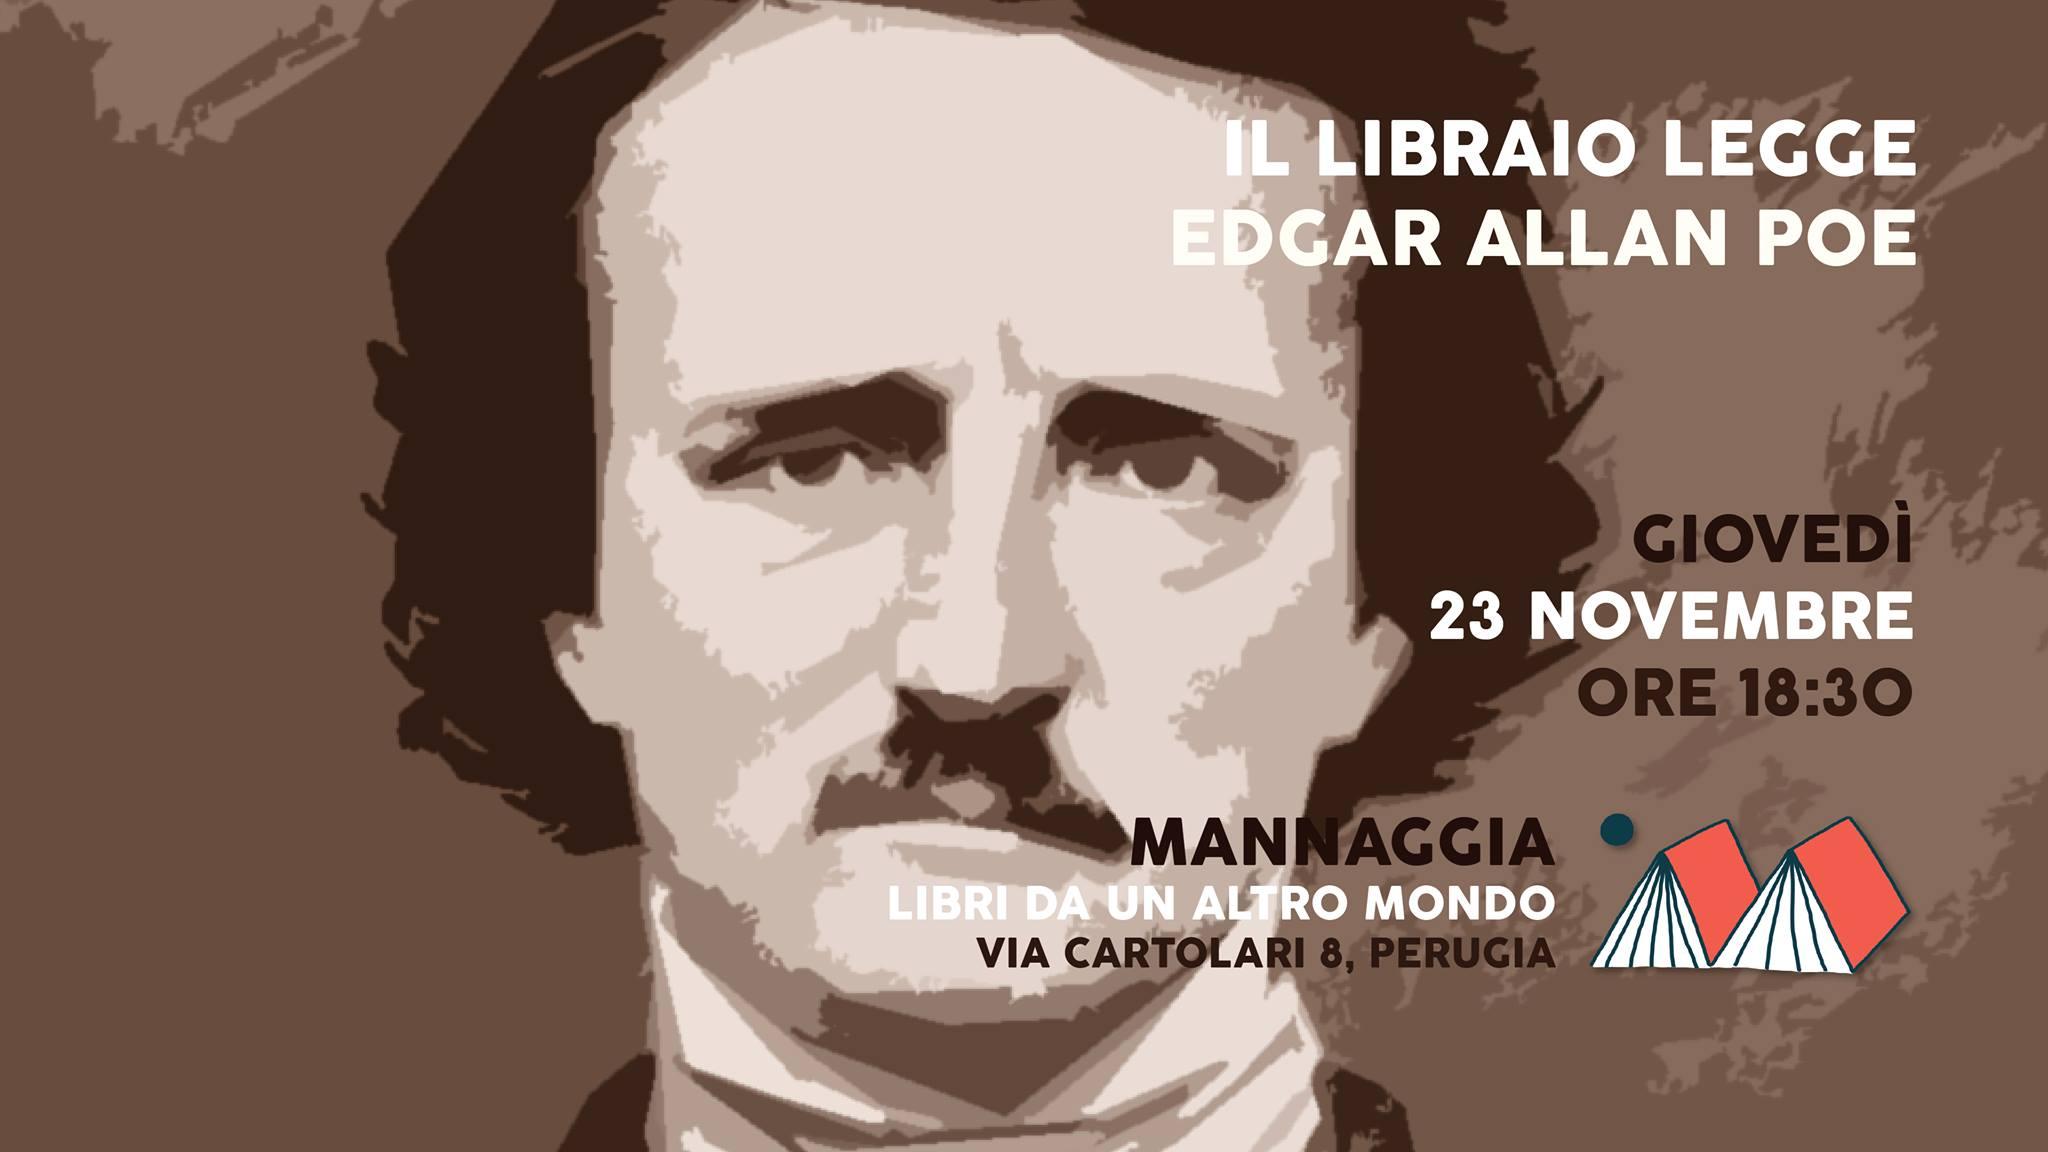 Il libraio legge Edgar Allan Poe